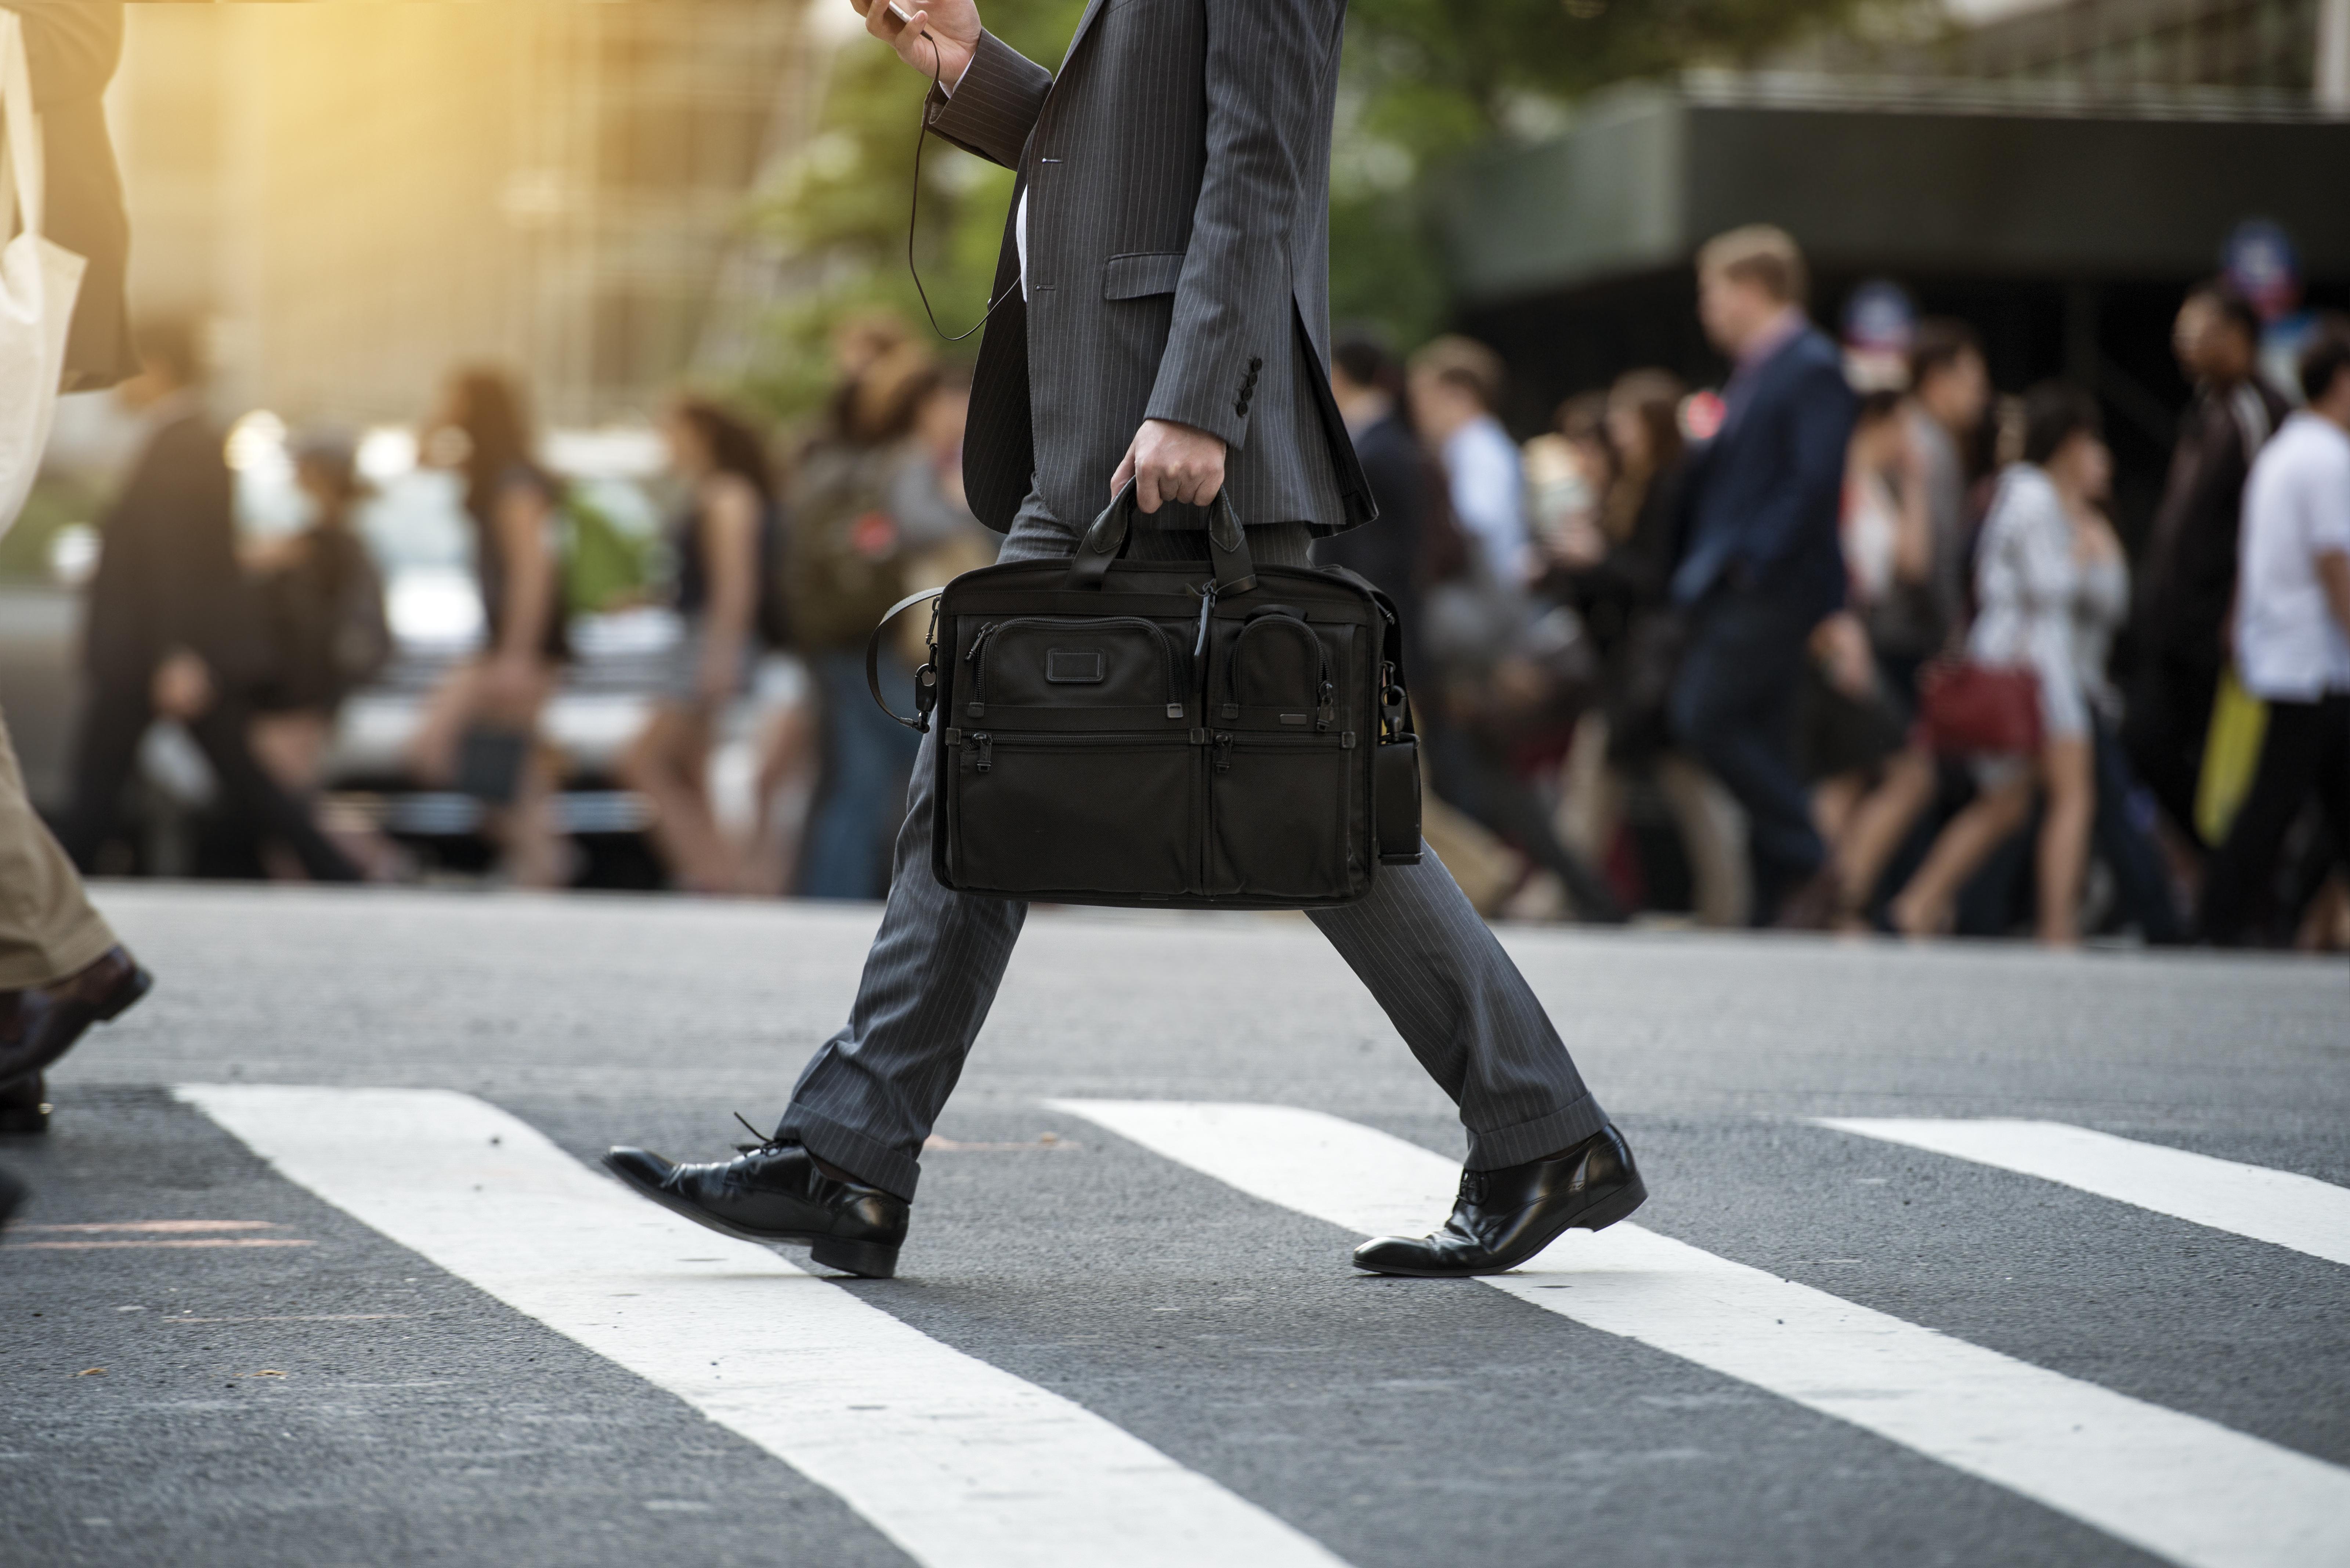 Stijlvol de straat op met een laptoptas